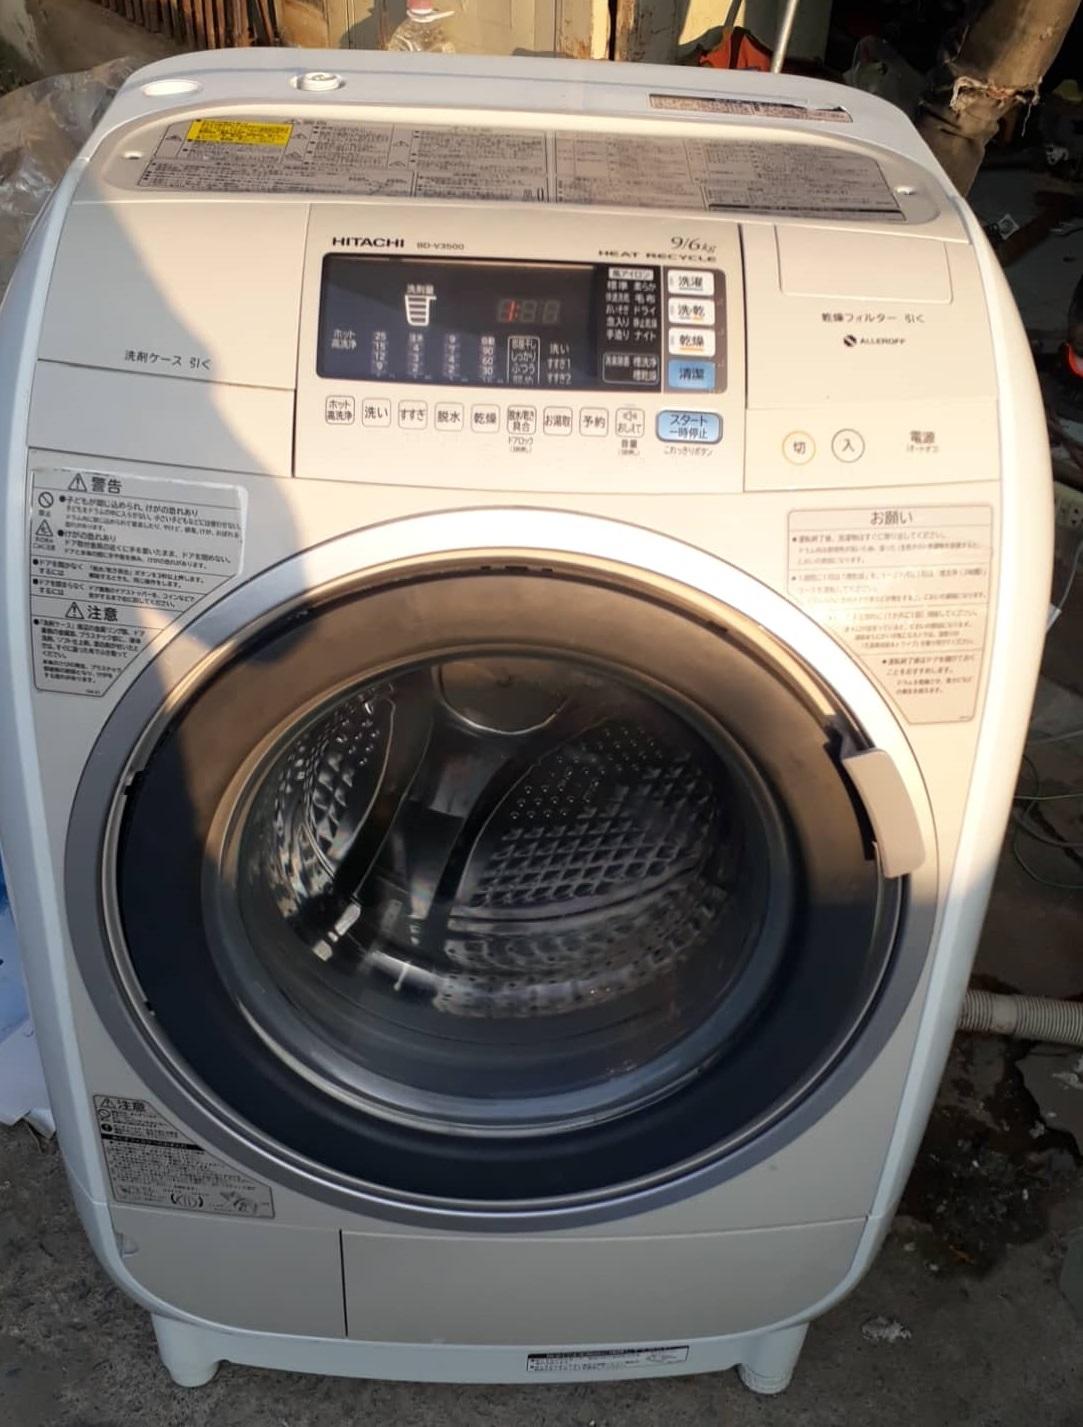 sửa máy giặt nội địa Hitachi